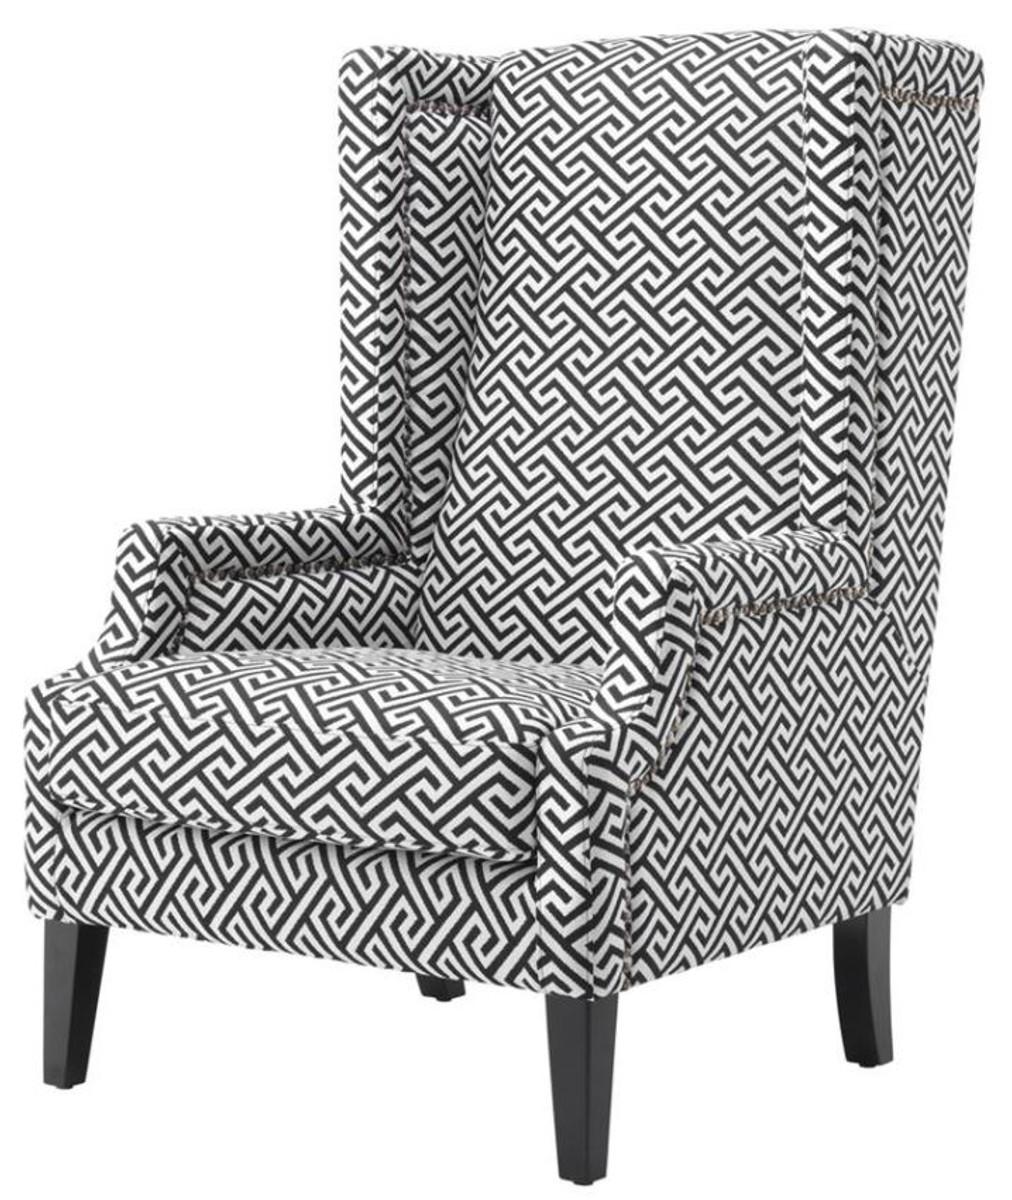 Ohrensessel Schwarz casa padrino designer sessel schwarz weiß luxus ohrensessel